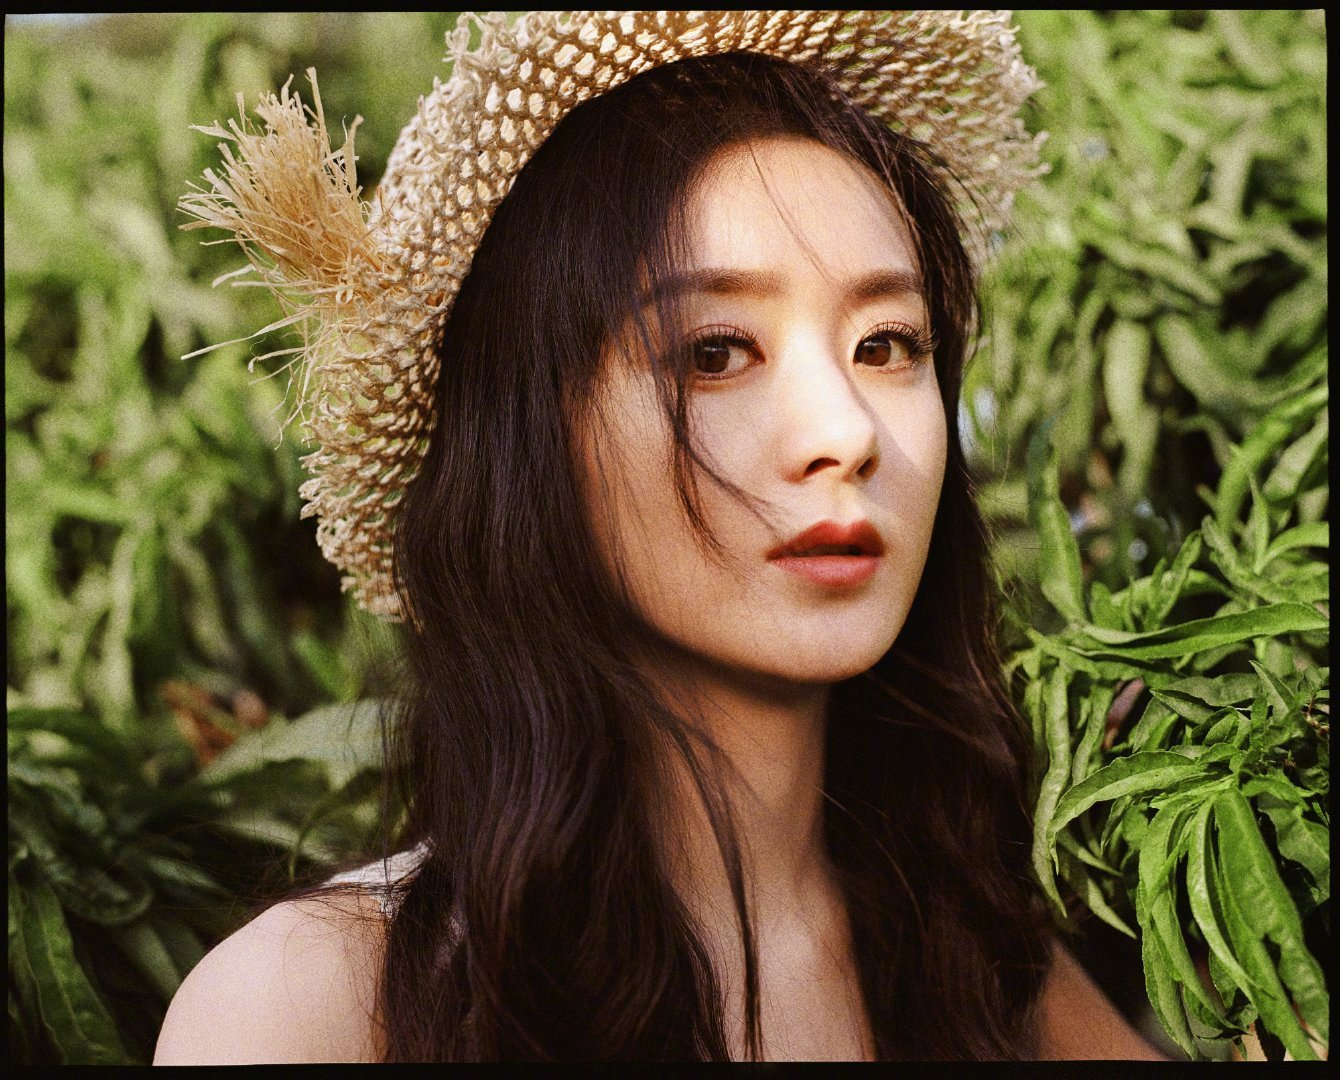 夏日甜美精灵公主@赵丽颖 来啦 丽颖一身极具清新风格的雏菊短裙